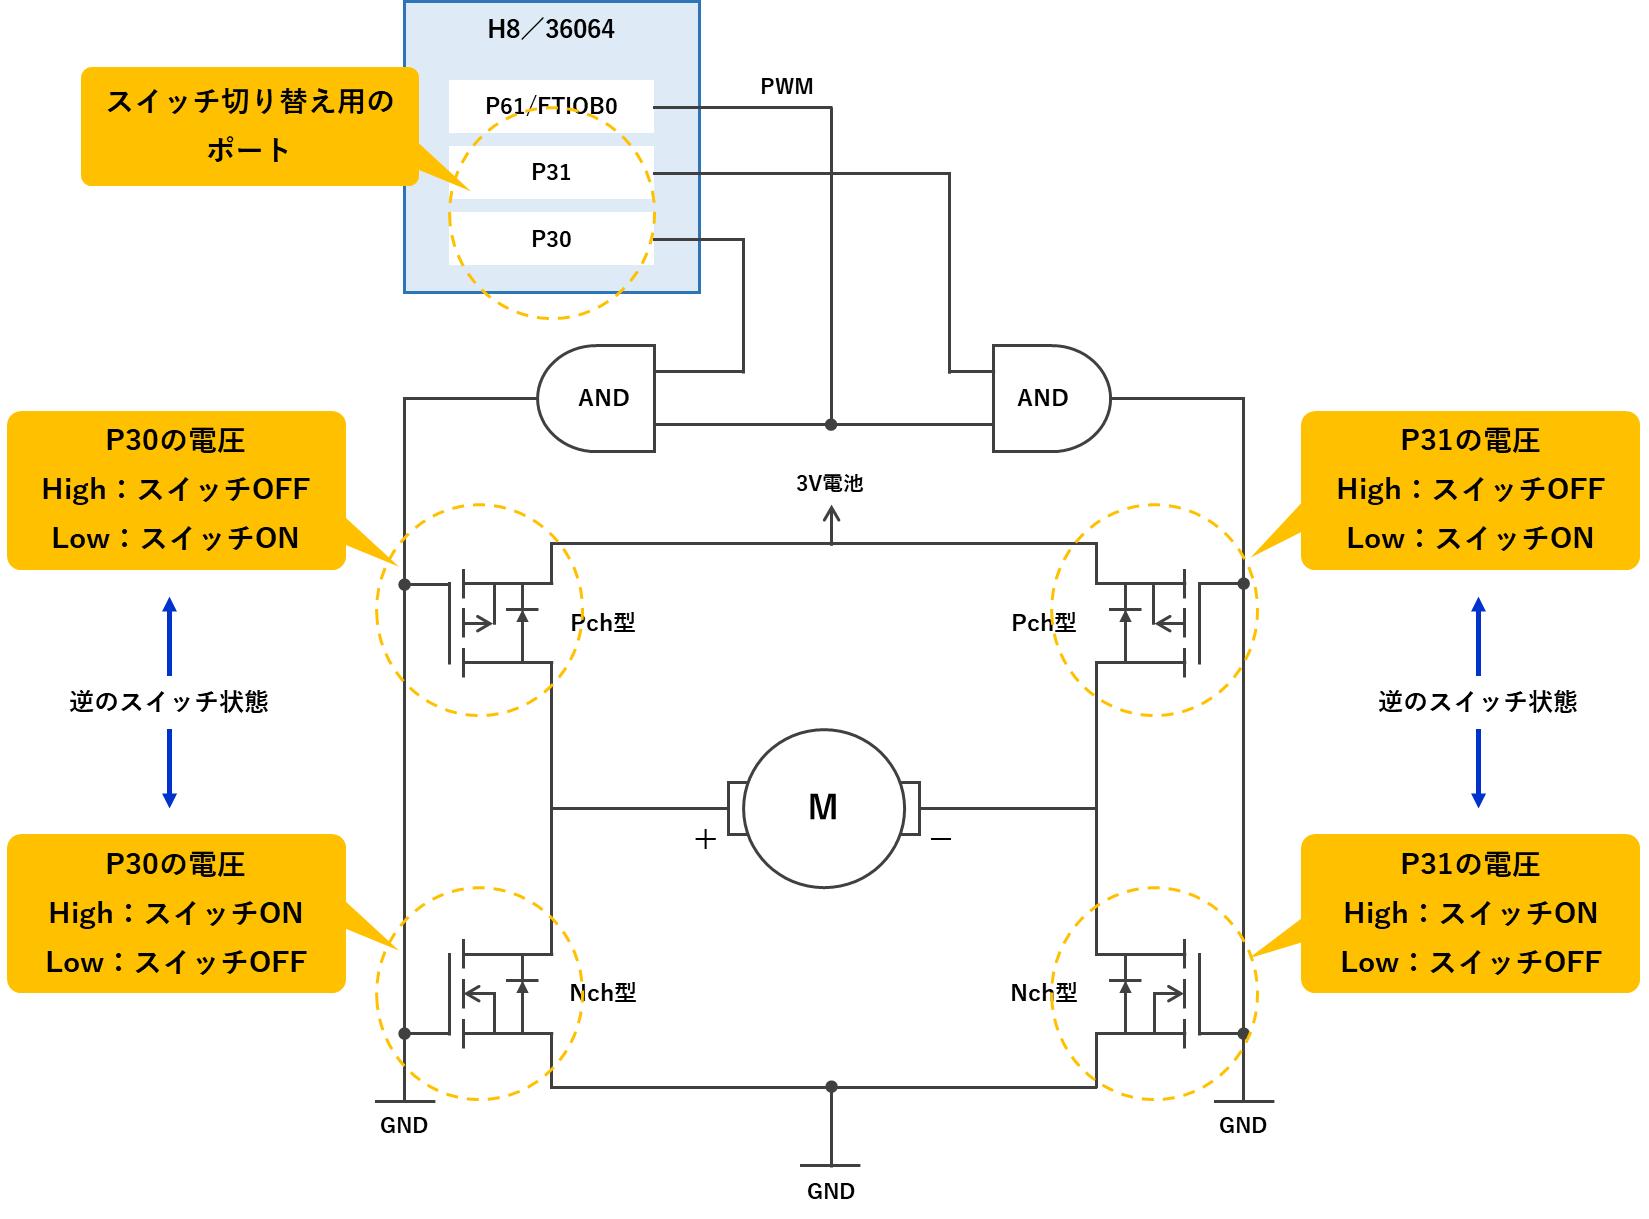 ポート制御によるトランジスタの切り替え